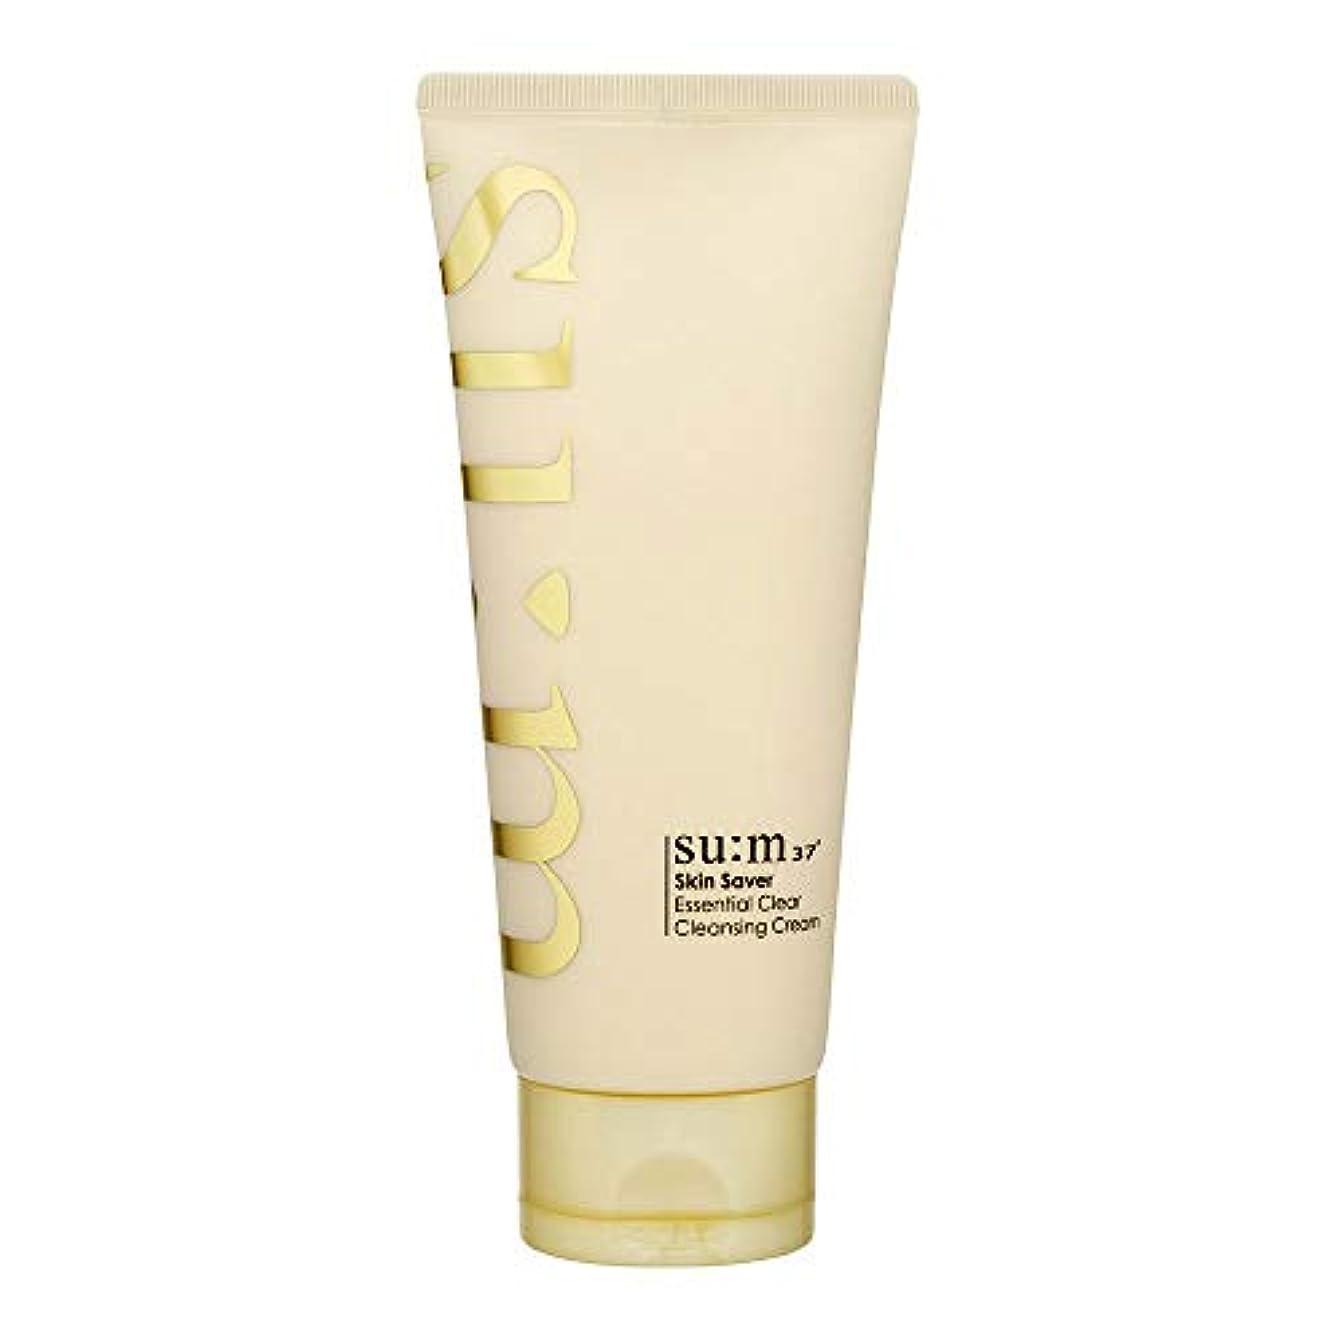 着実に高価なアジア[スム37°] Sum37° スキンセイバー エッセンシャルクリアクレンジングクリーム  Skin saver Essential Clear Cleansing Cream (海外直送品) [並行輸入品]